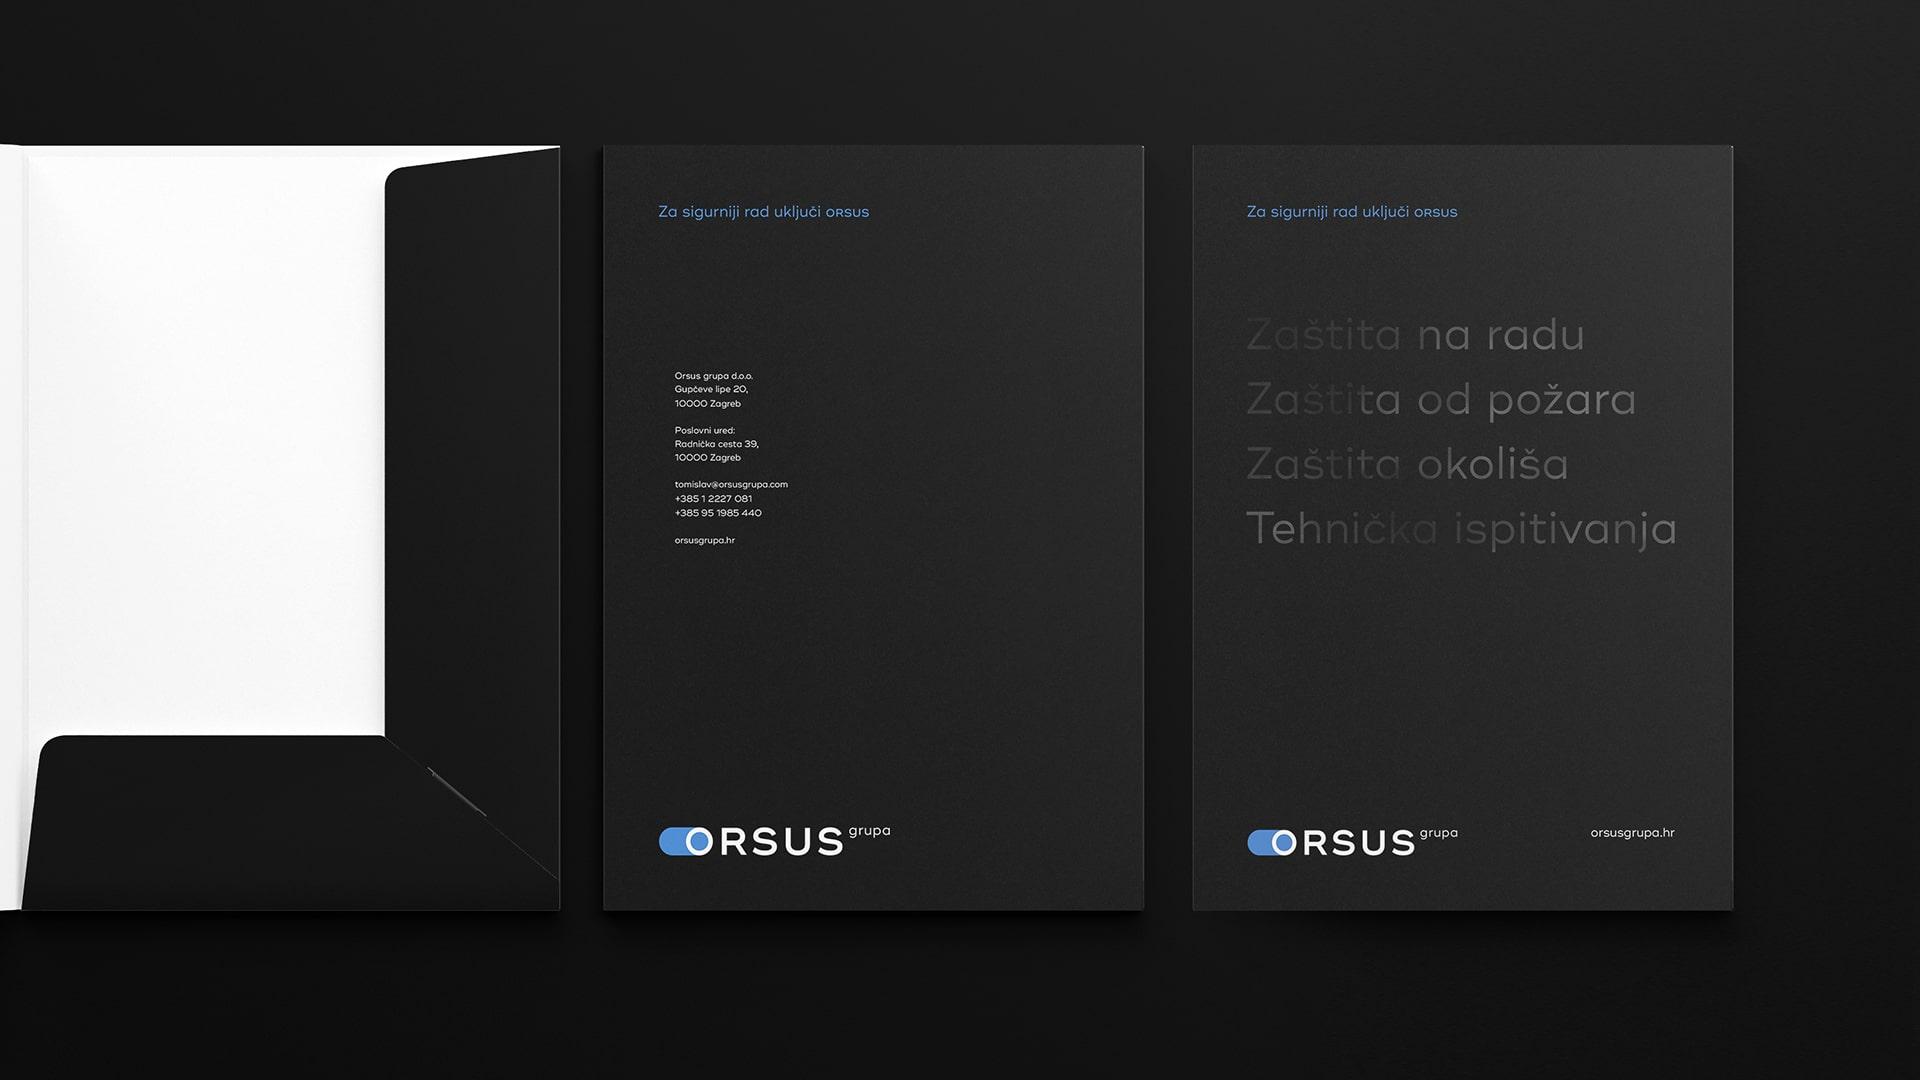 Orsus-grupa-folder-by-Emtisquare